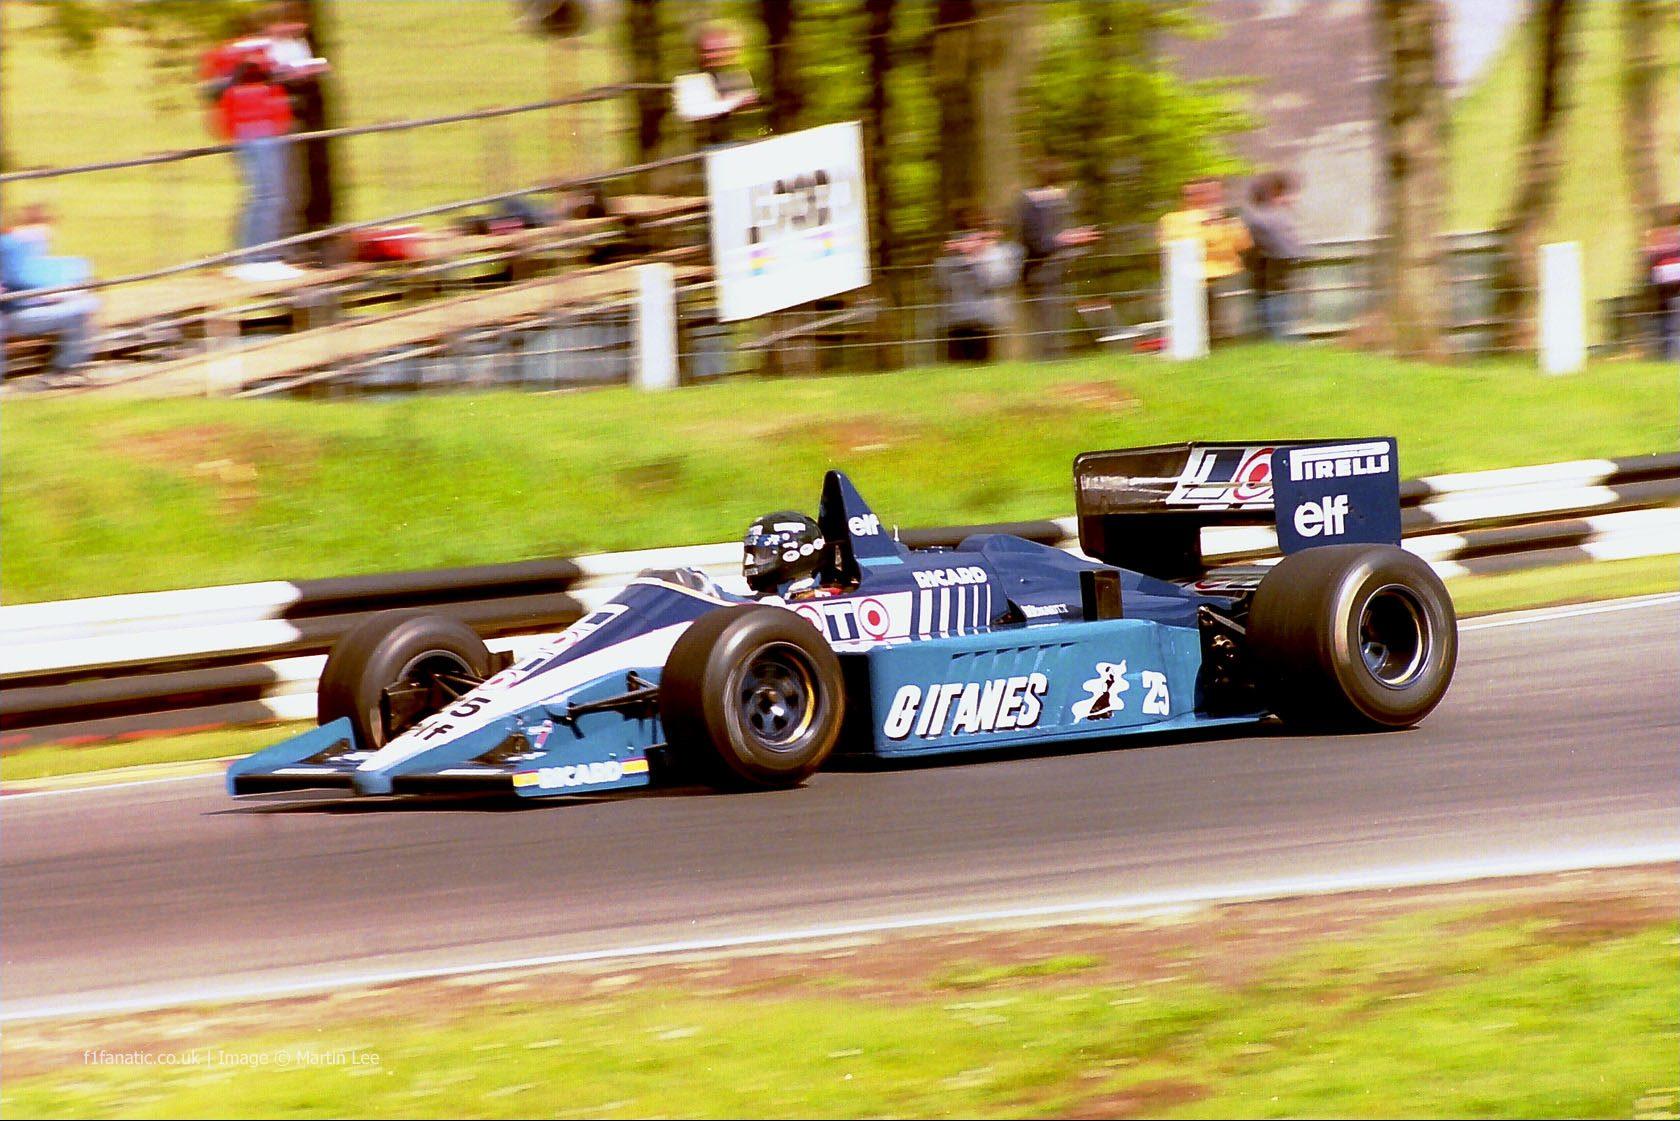 Jacques Laffite, Ligier, Brands Hatch, 1986